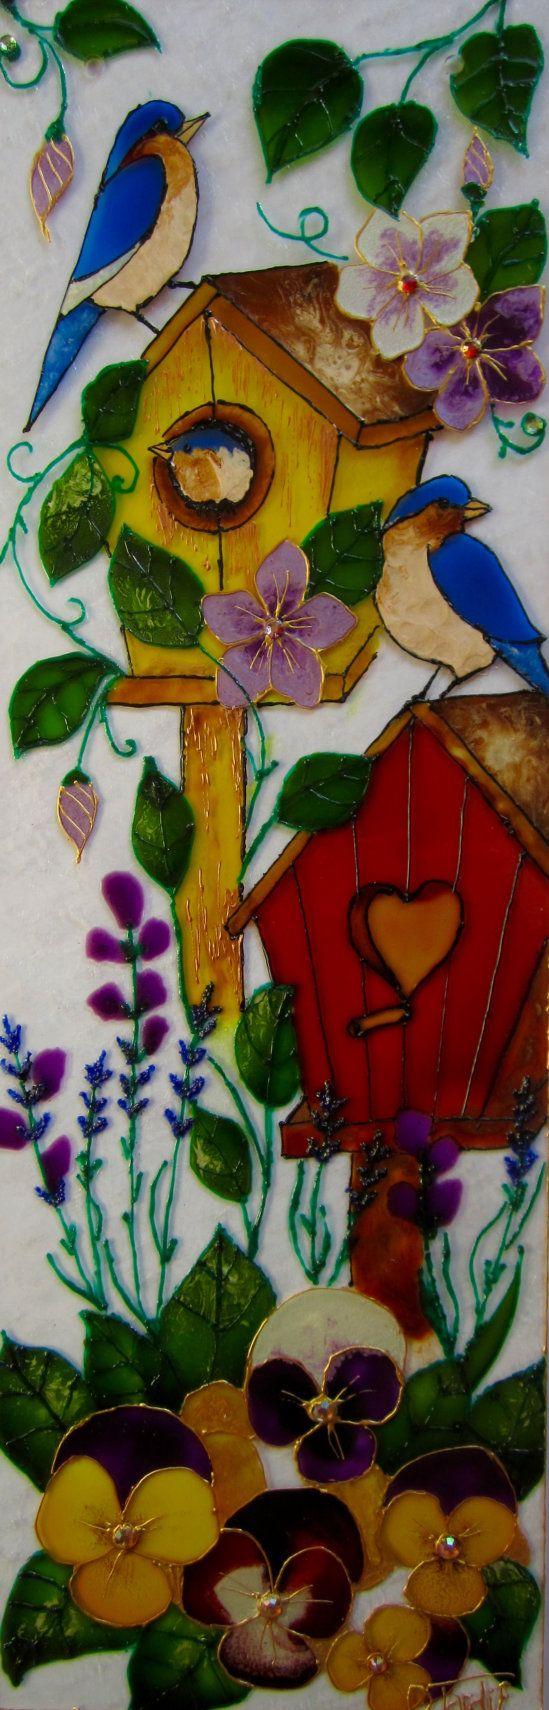 La famille peinture vitrail couleur vive plexiglas fleur oiseau the fa - Faux oiseaux decoration ...